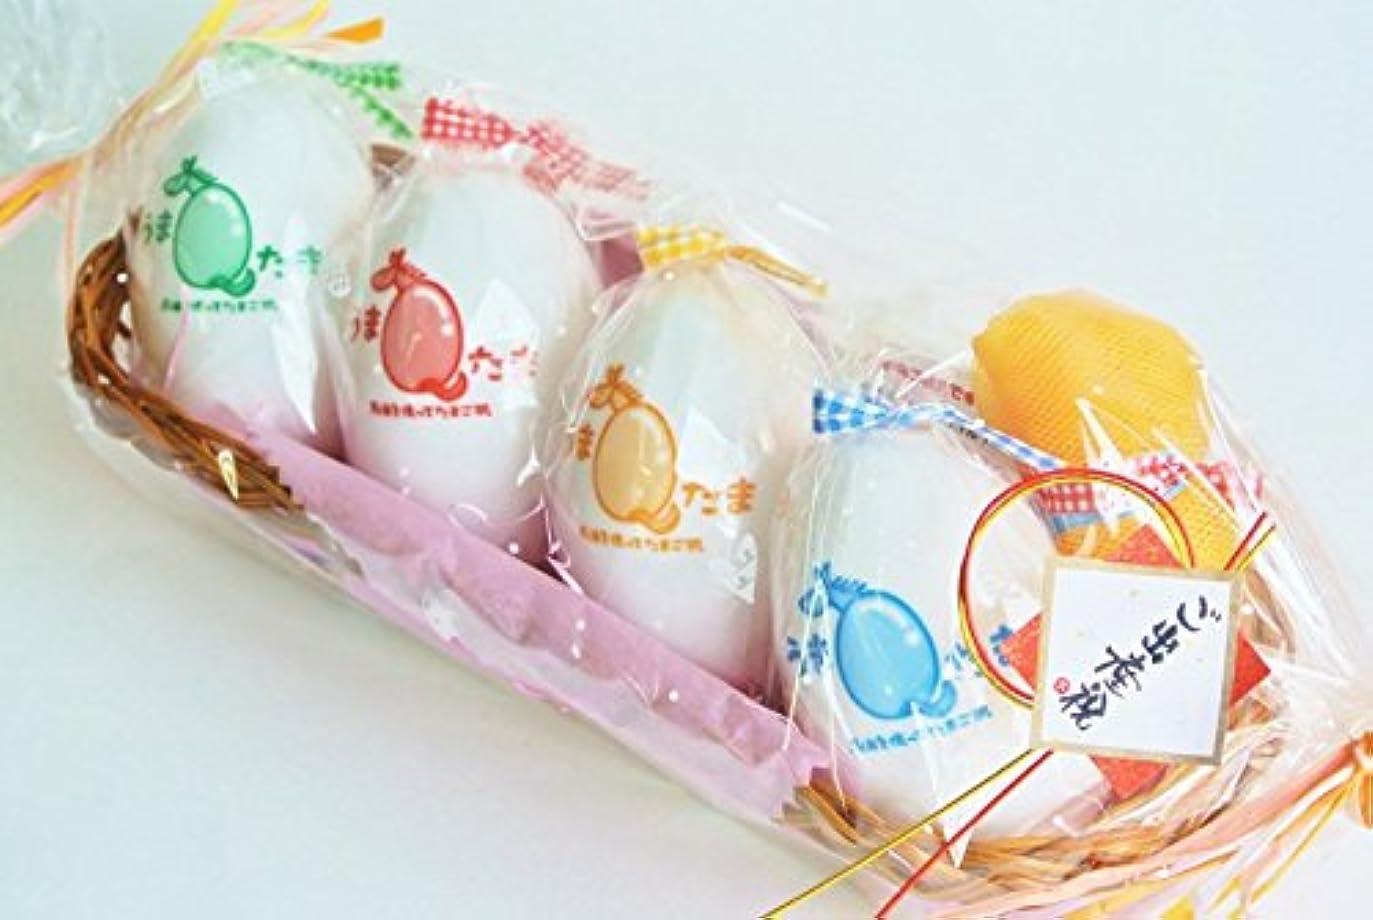 非常に会計士豪華なUmatama(ウマタマ) 馬油石鹸うまたま 4種類の詰め合わせギフトセット!出産祝い・内祝い・結婚祝い・誕生日祝いにおススメです!